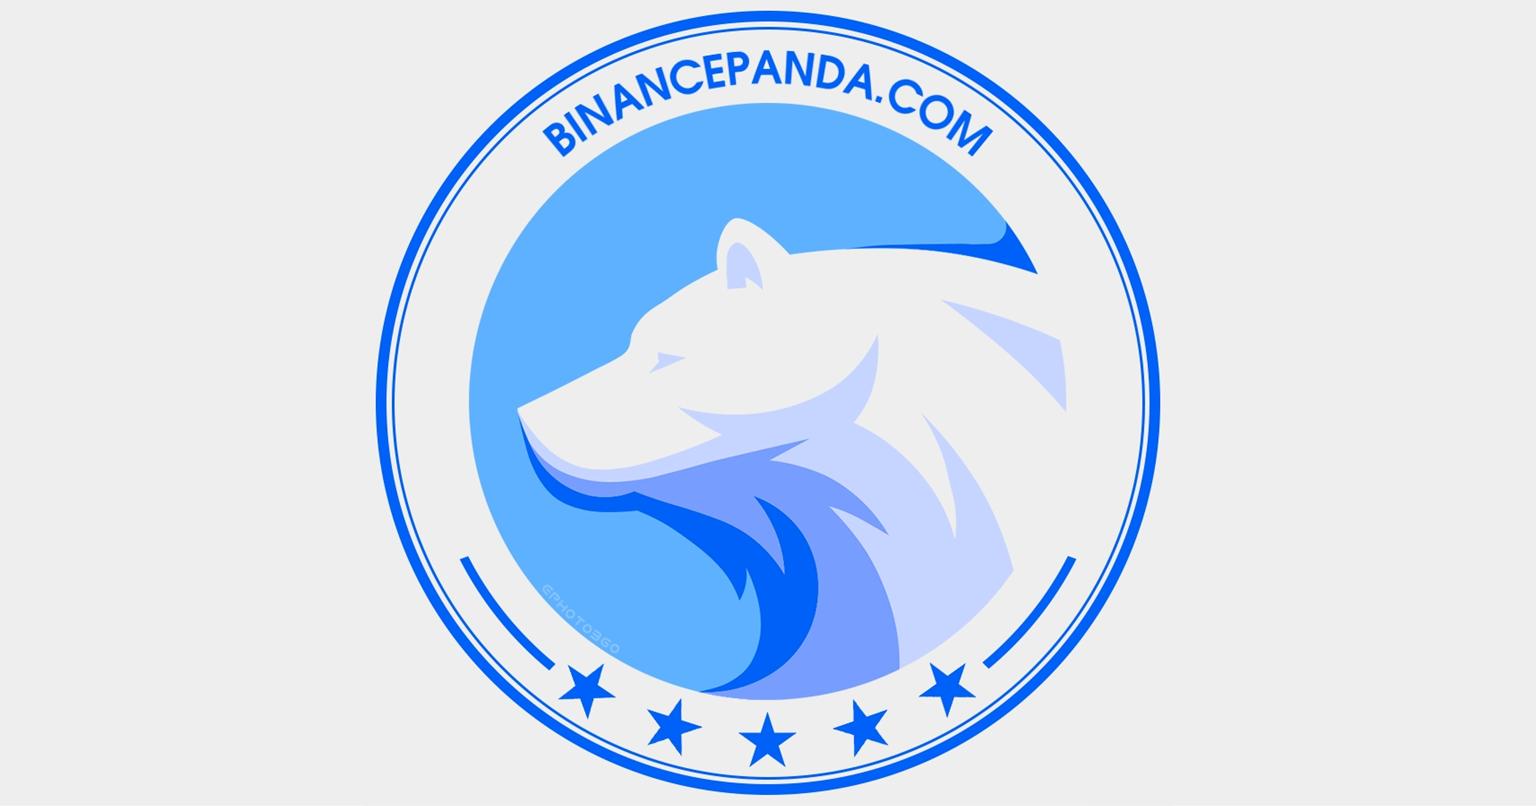 BinancePanda